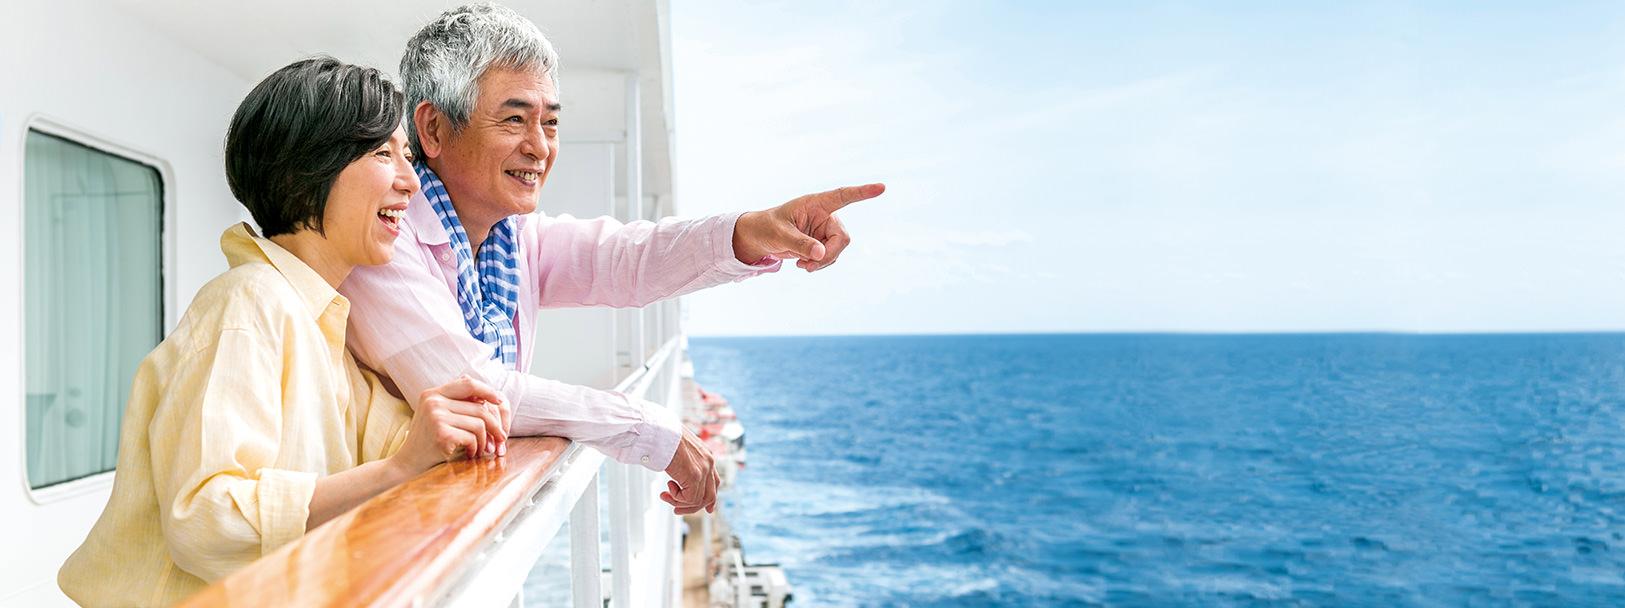 最高の船旅(世界一周クルーズ他)をあなたに 飛鳥クルーズ